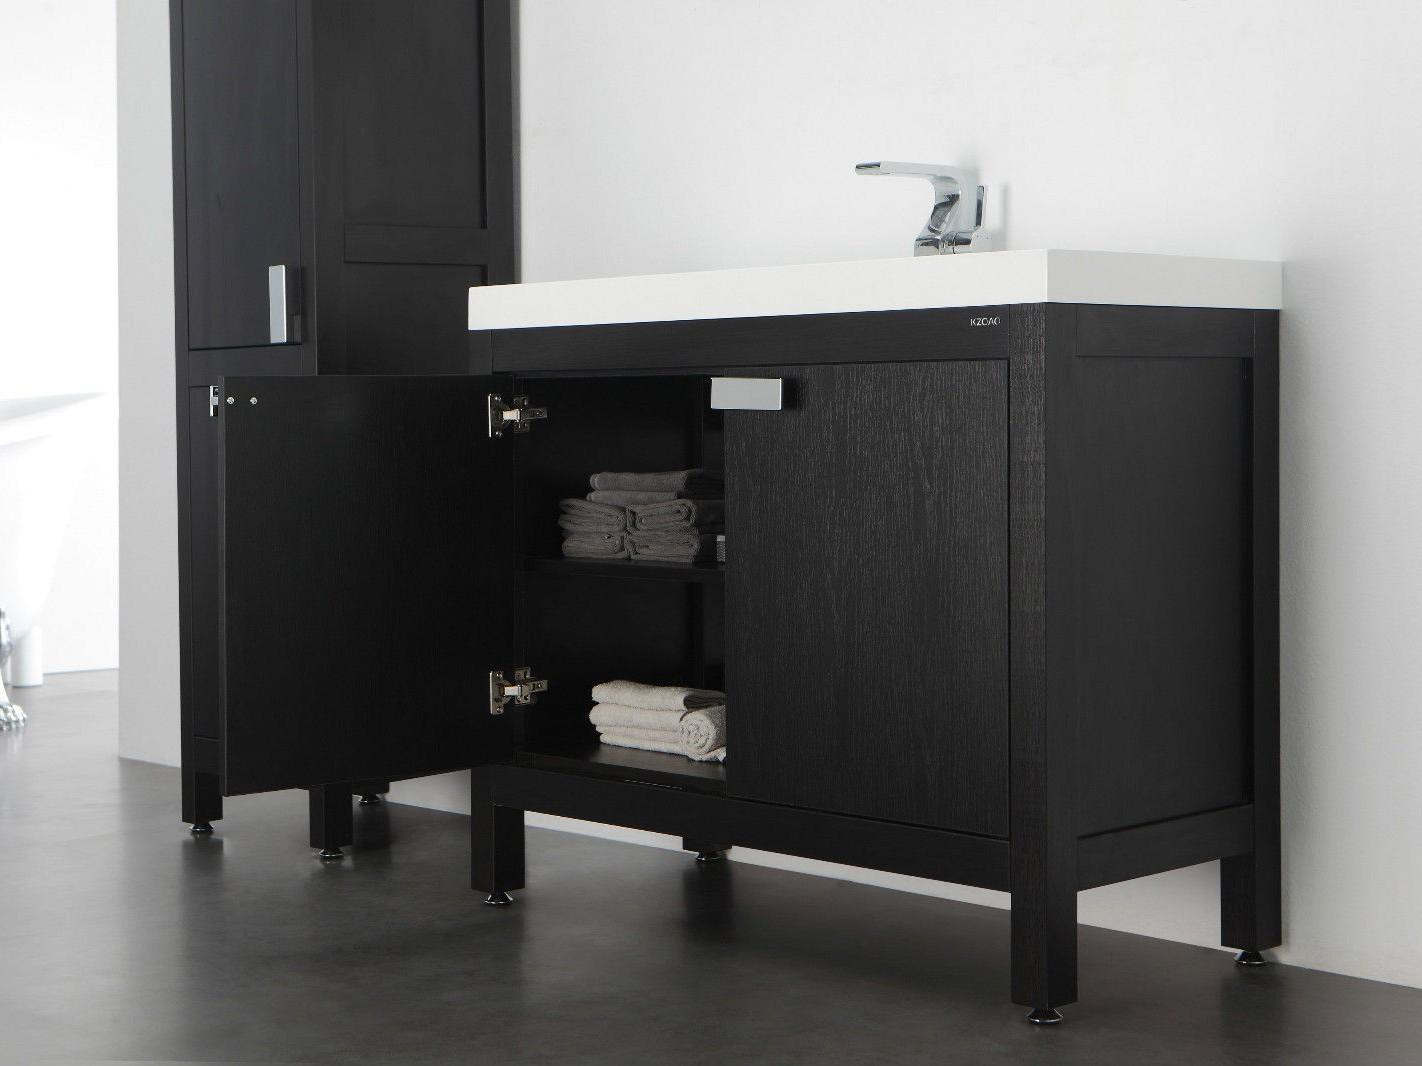 barcelona waschtisch set 80 cm eiche schwarz badewelt. Black Bedroom Furniture Sets. Home Design Ideas